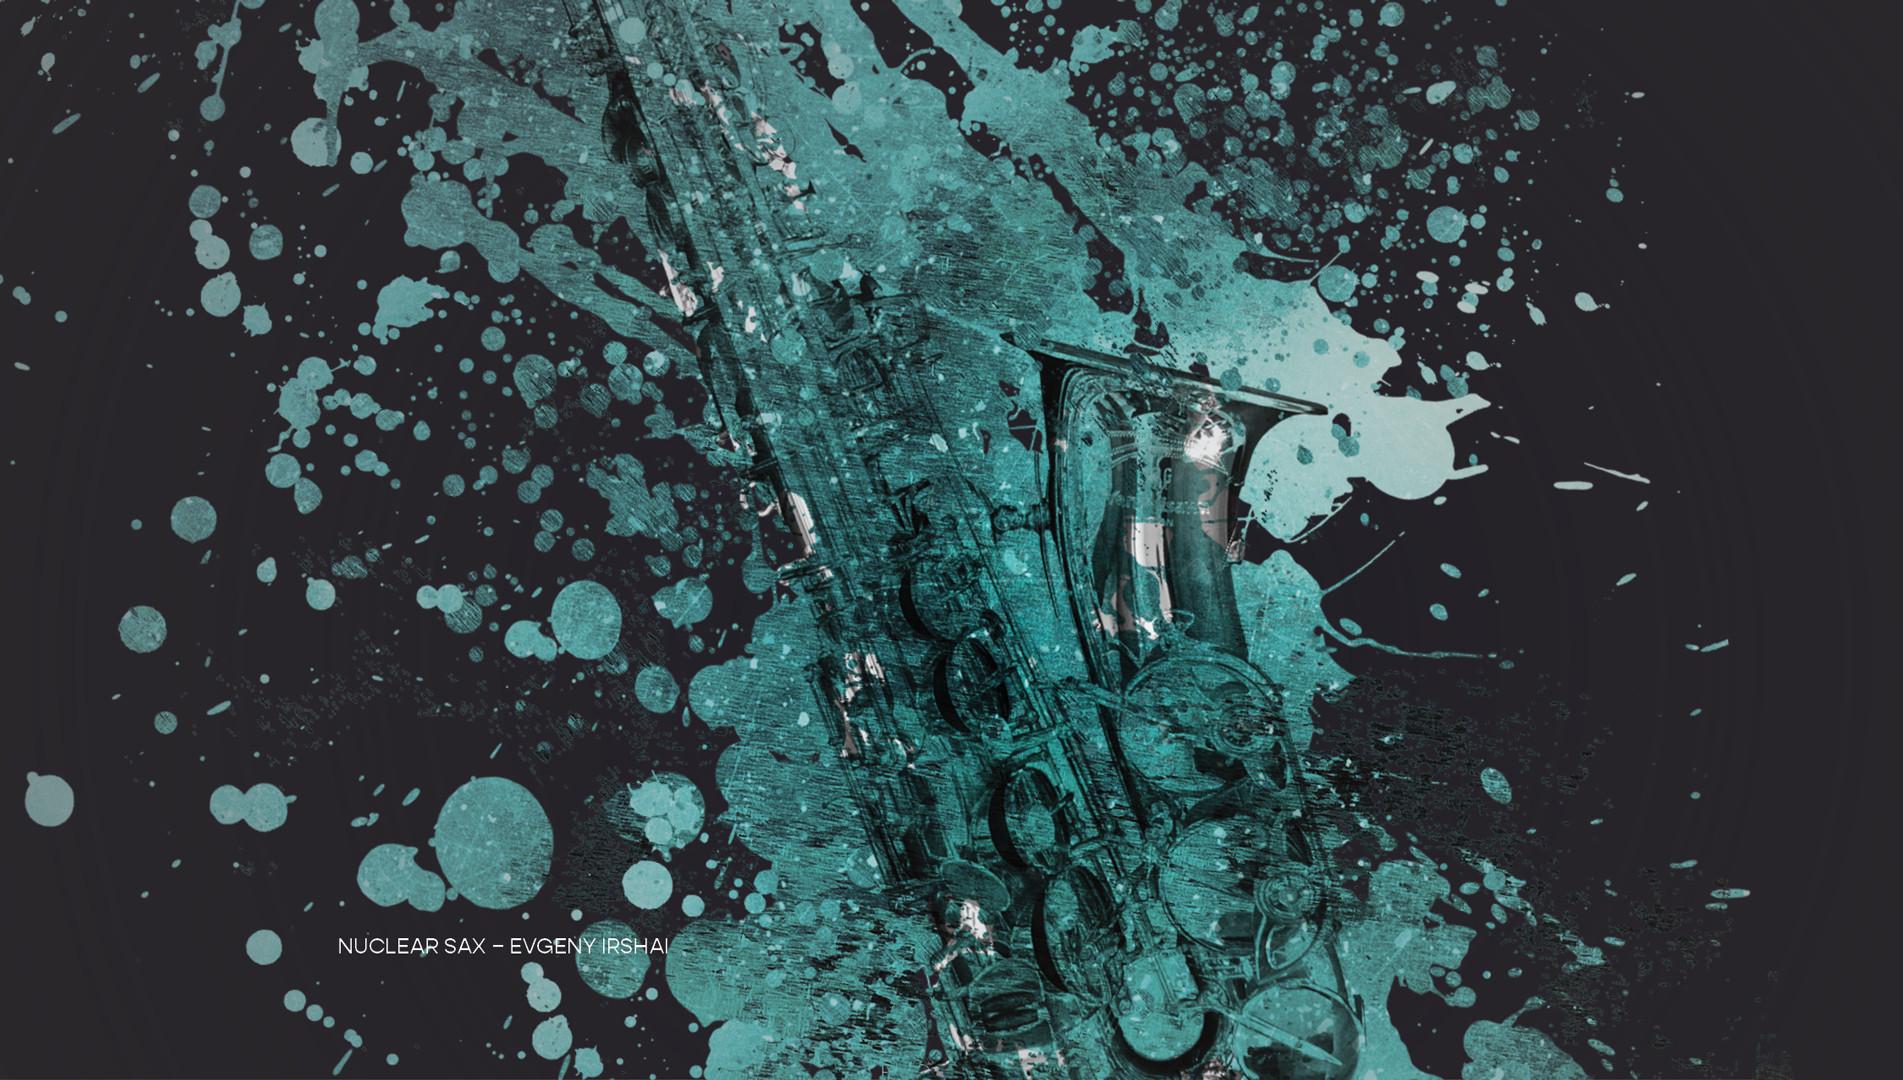 Evgeny Irshai je autorom hudby tohto albumu so zameraním na saxofóny